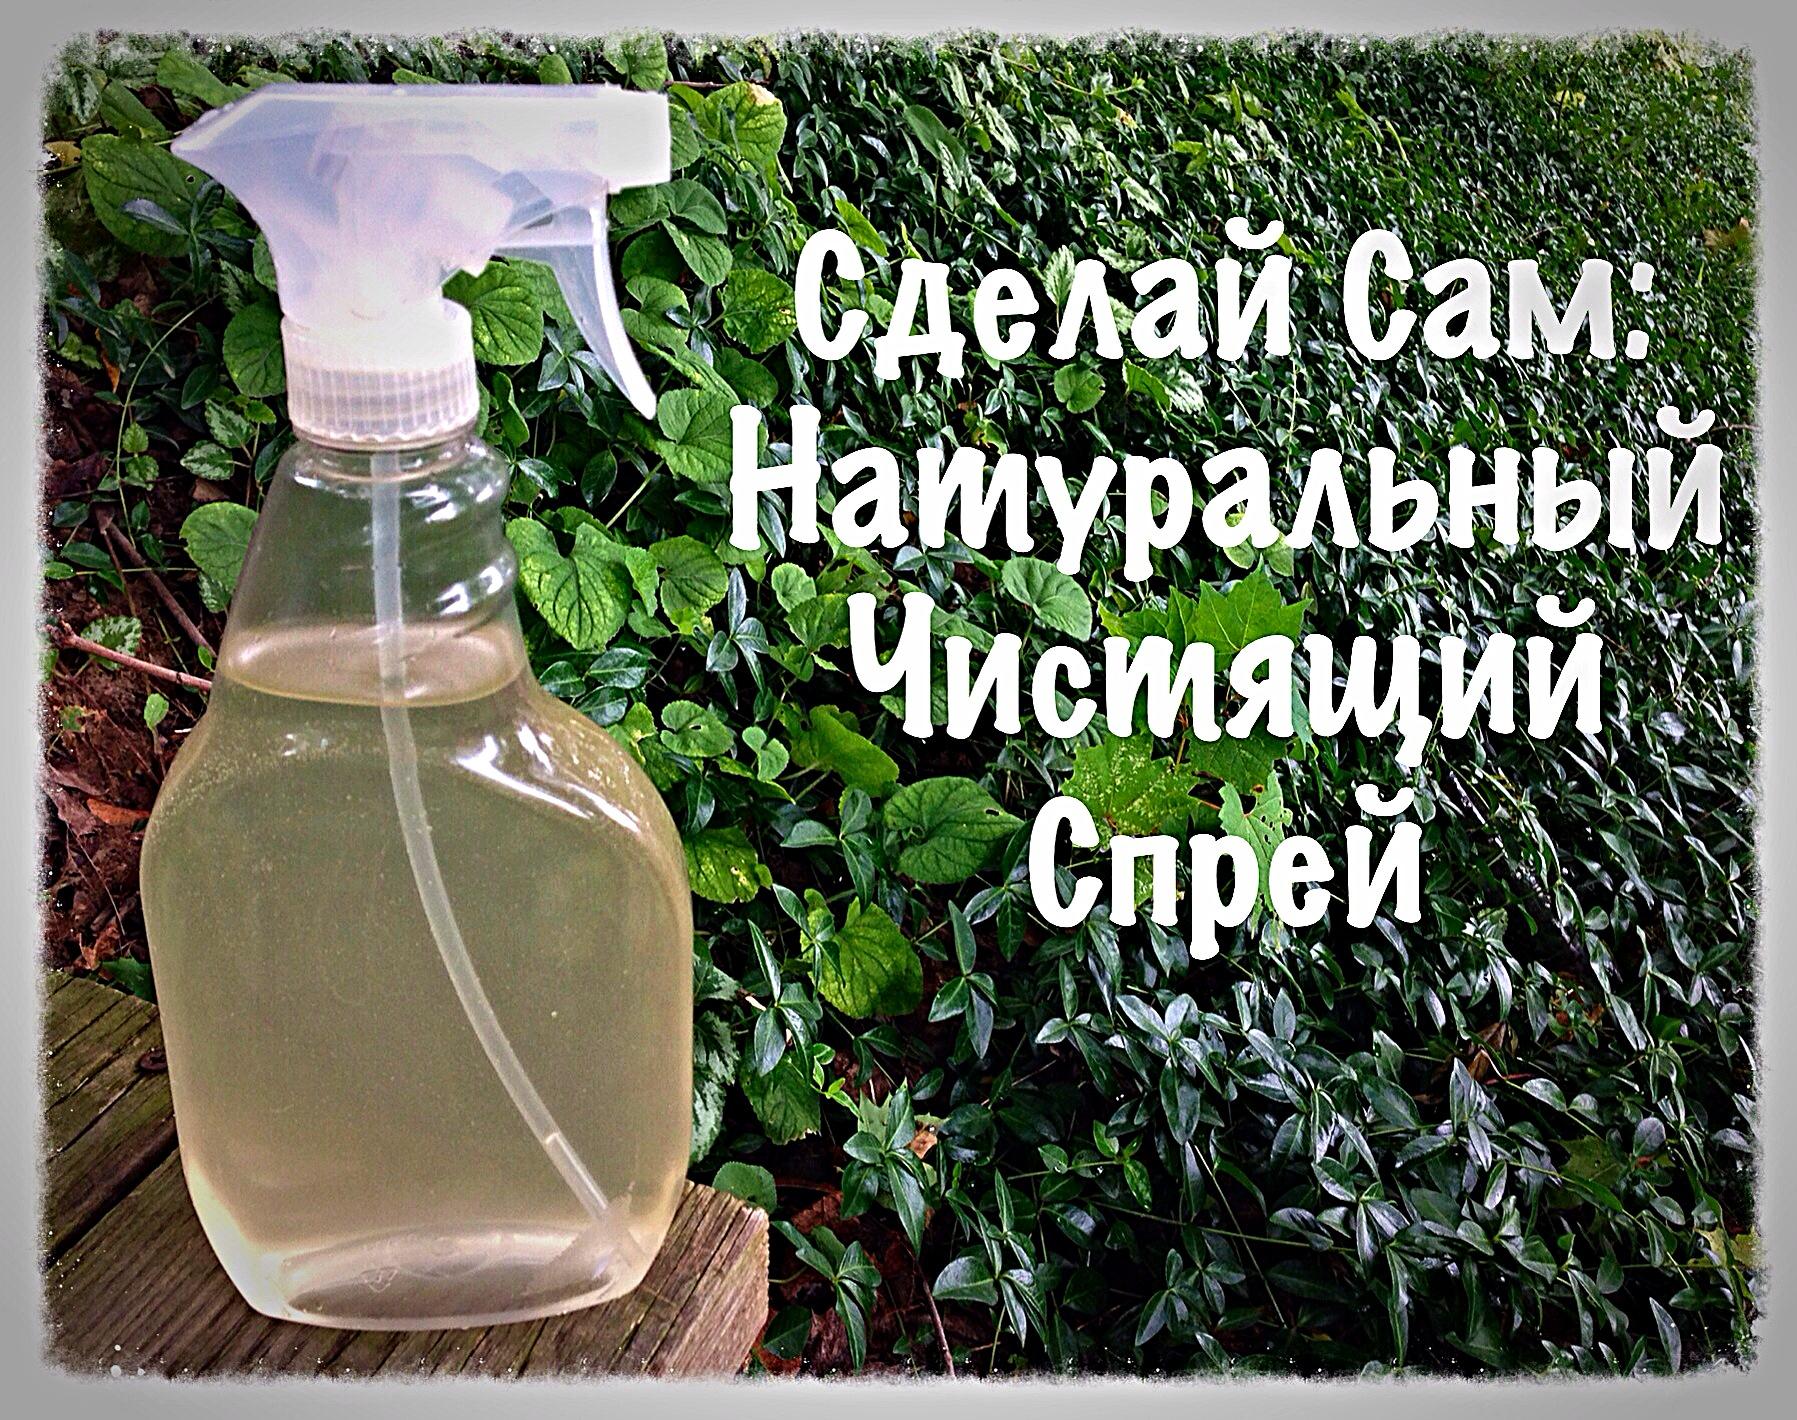 Натуральные чистящие своими руками фото 932